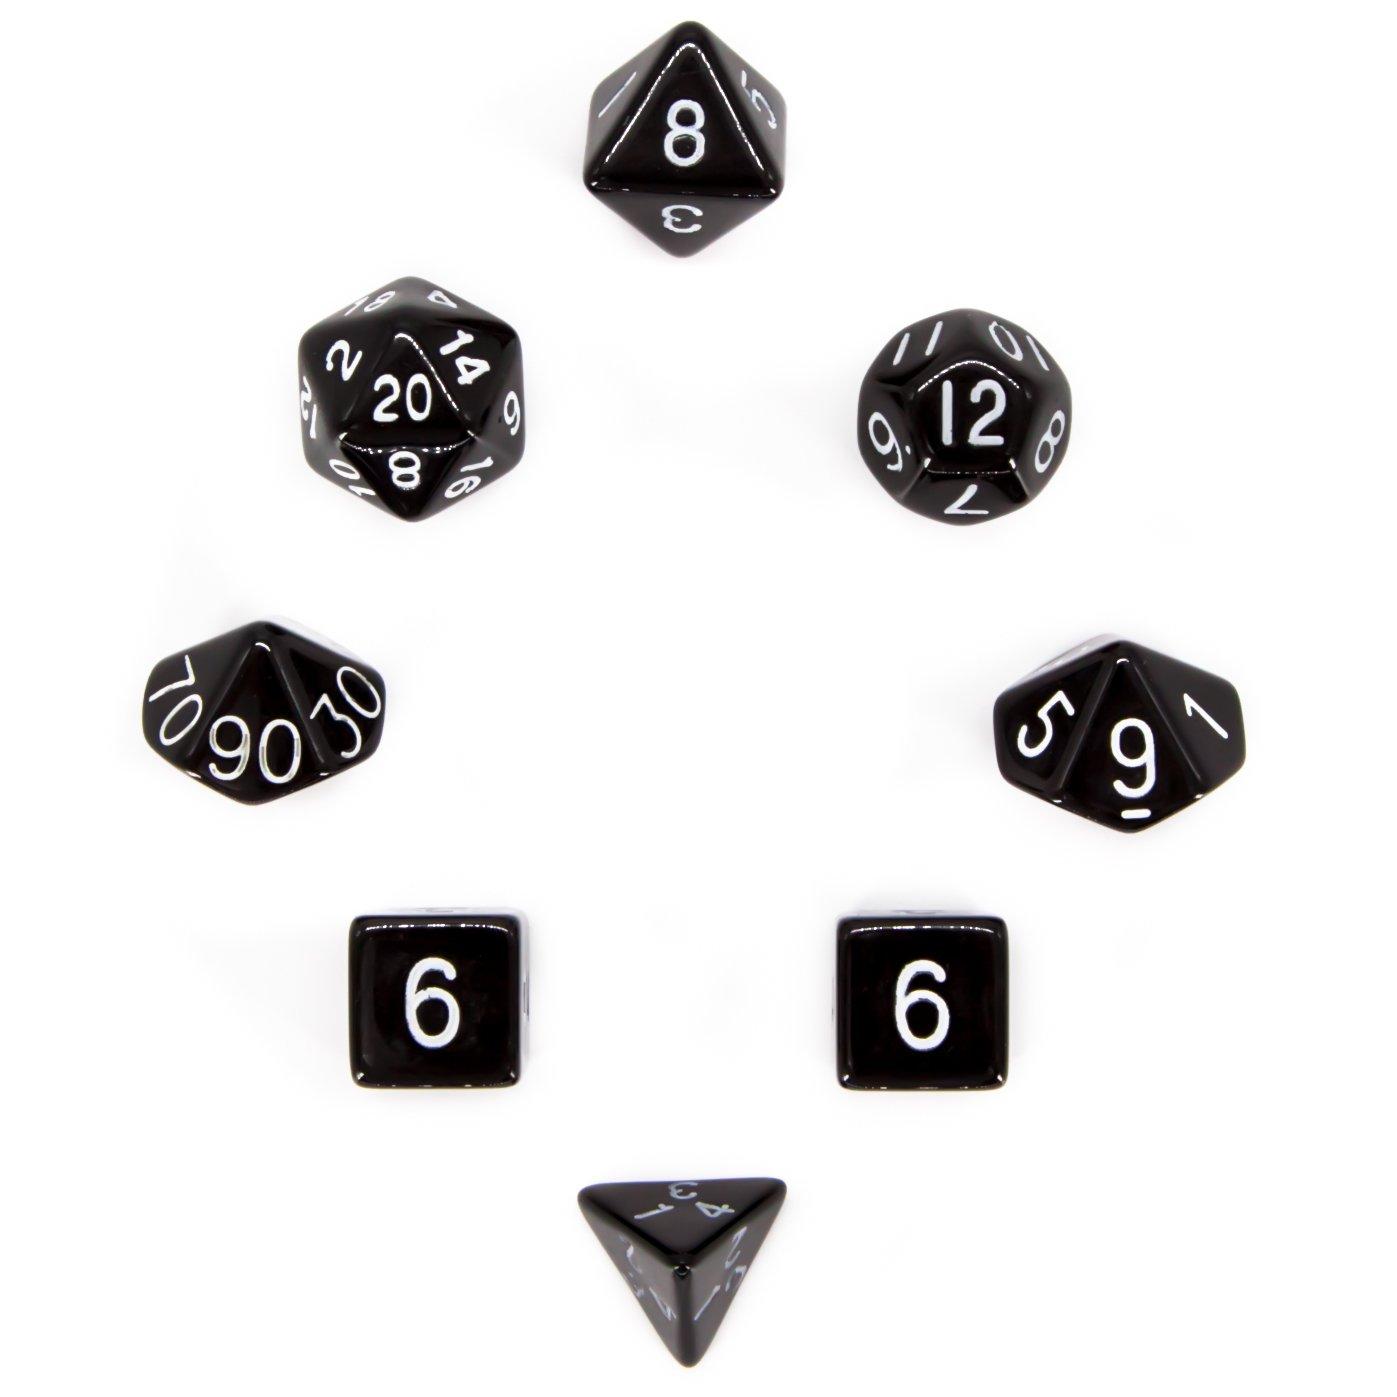 【予約中!】 7 + 1 , Polyhedral Dice Dices Set – – ブラック – 不透明 – For RPG、Roleplayingゲーム – d4 , d6 , d10 d8 d12、d20 Sided Dices withベルベットバッグ – by Aras。ゲーム B01N6FUSD5, お祝い内祝引出物専門店 カシタニ:6b82e5e8 --- arianechie.dominiotemporario.com